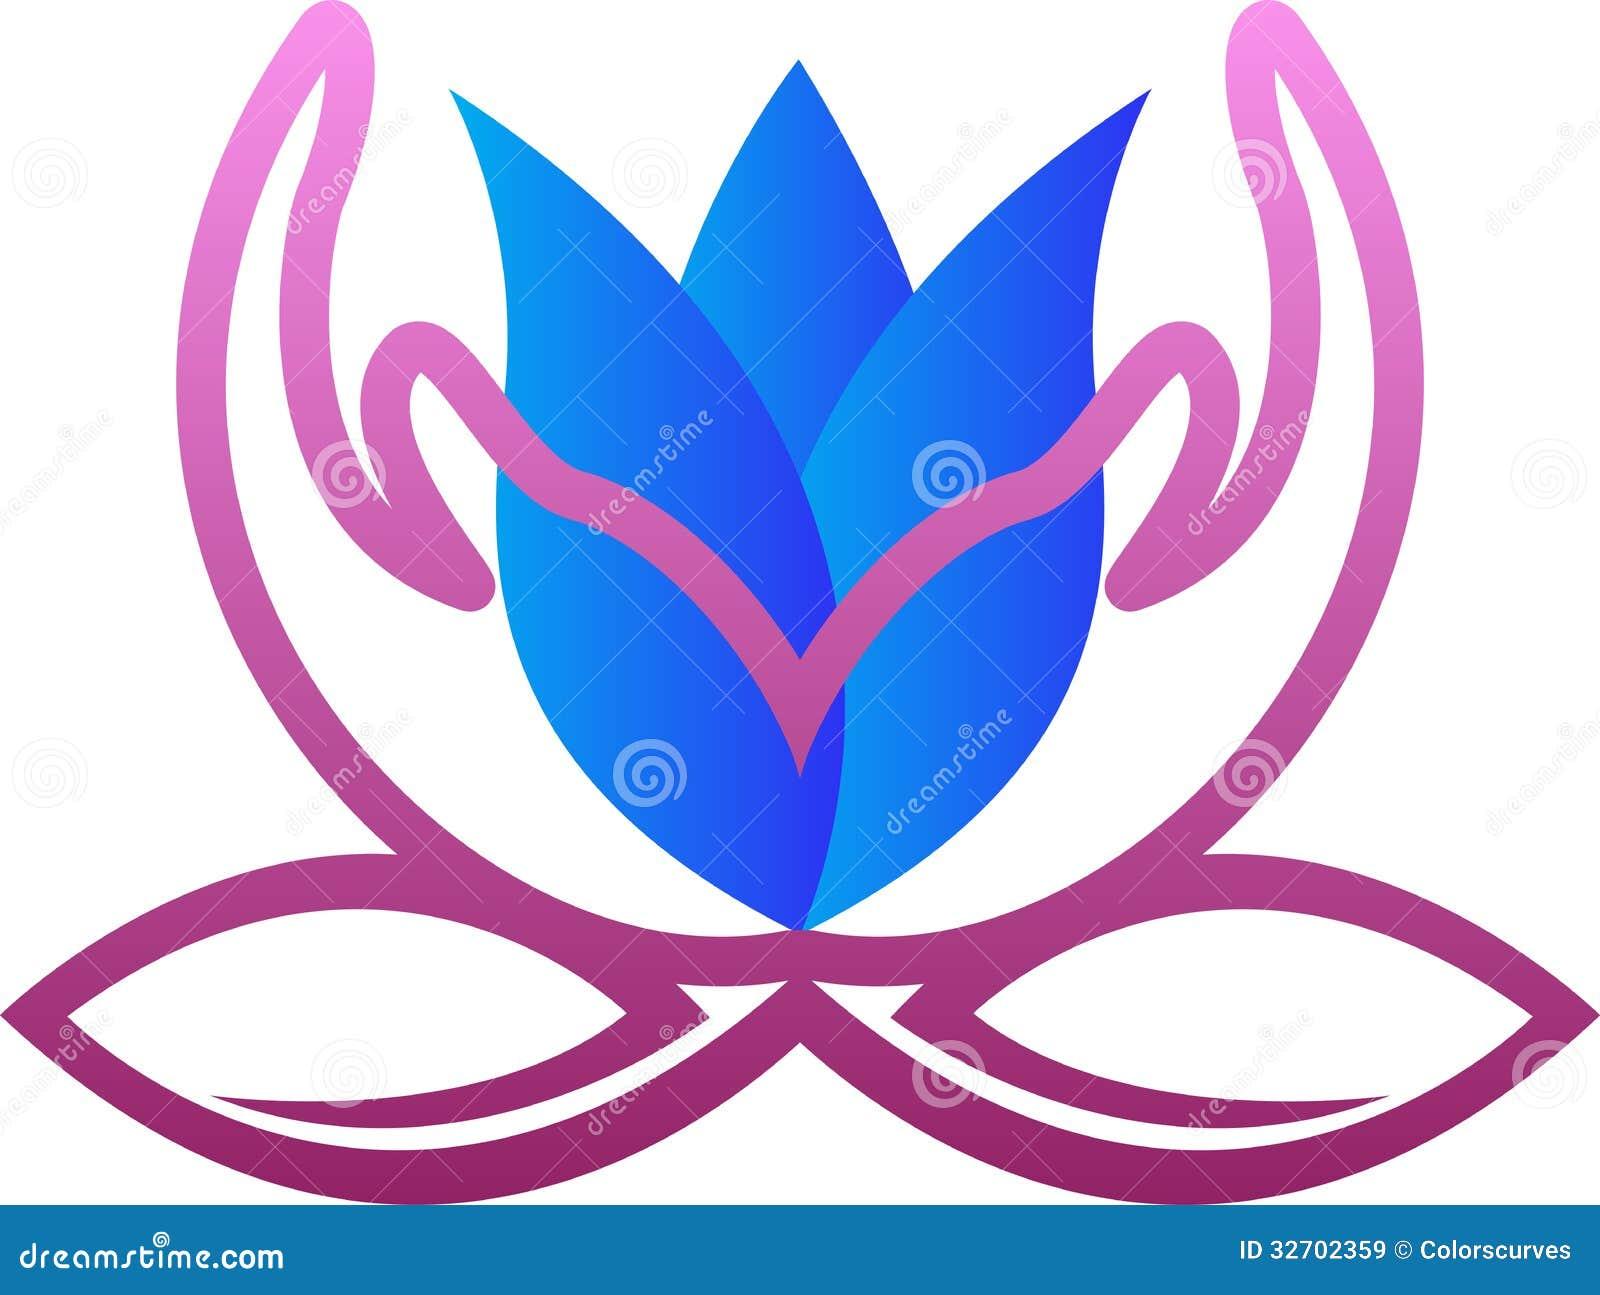 Flower hand logo